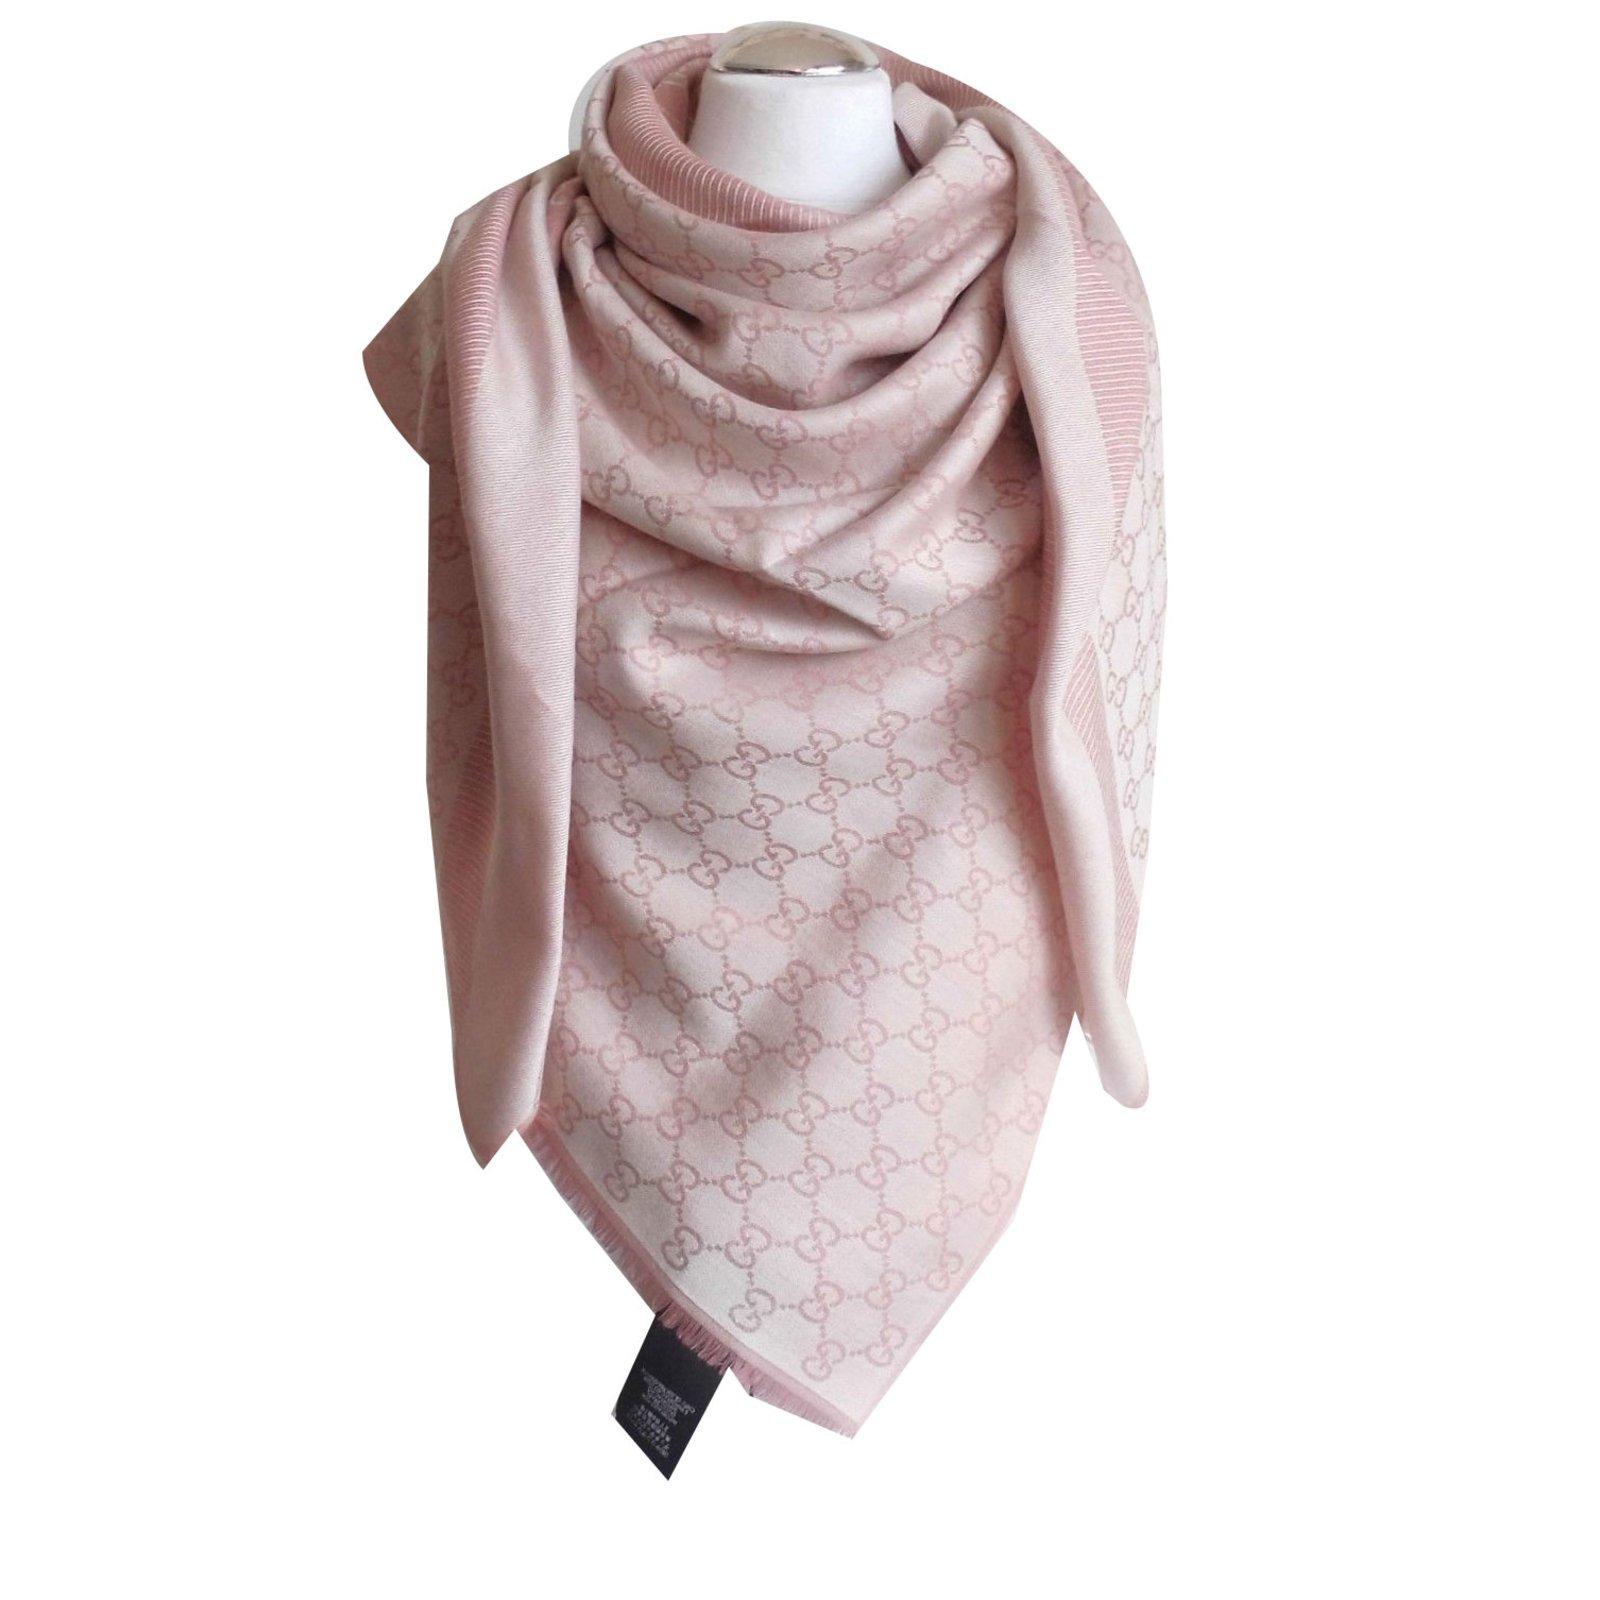 26cb583baff9 Gucci scarf scarves silk wool pink ref joli closet jpg 1600x1600 Gucci  scarves